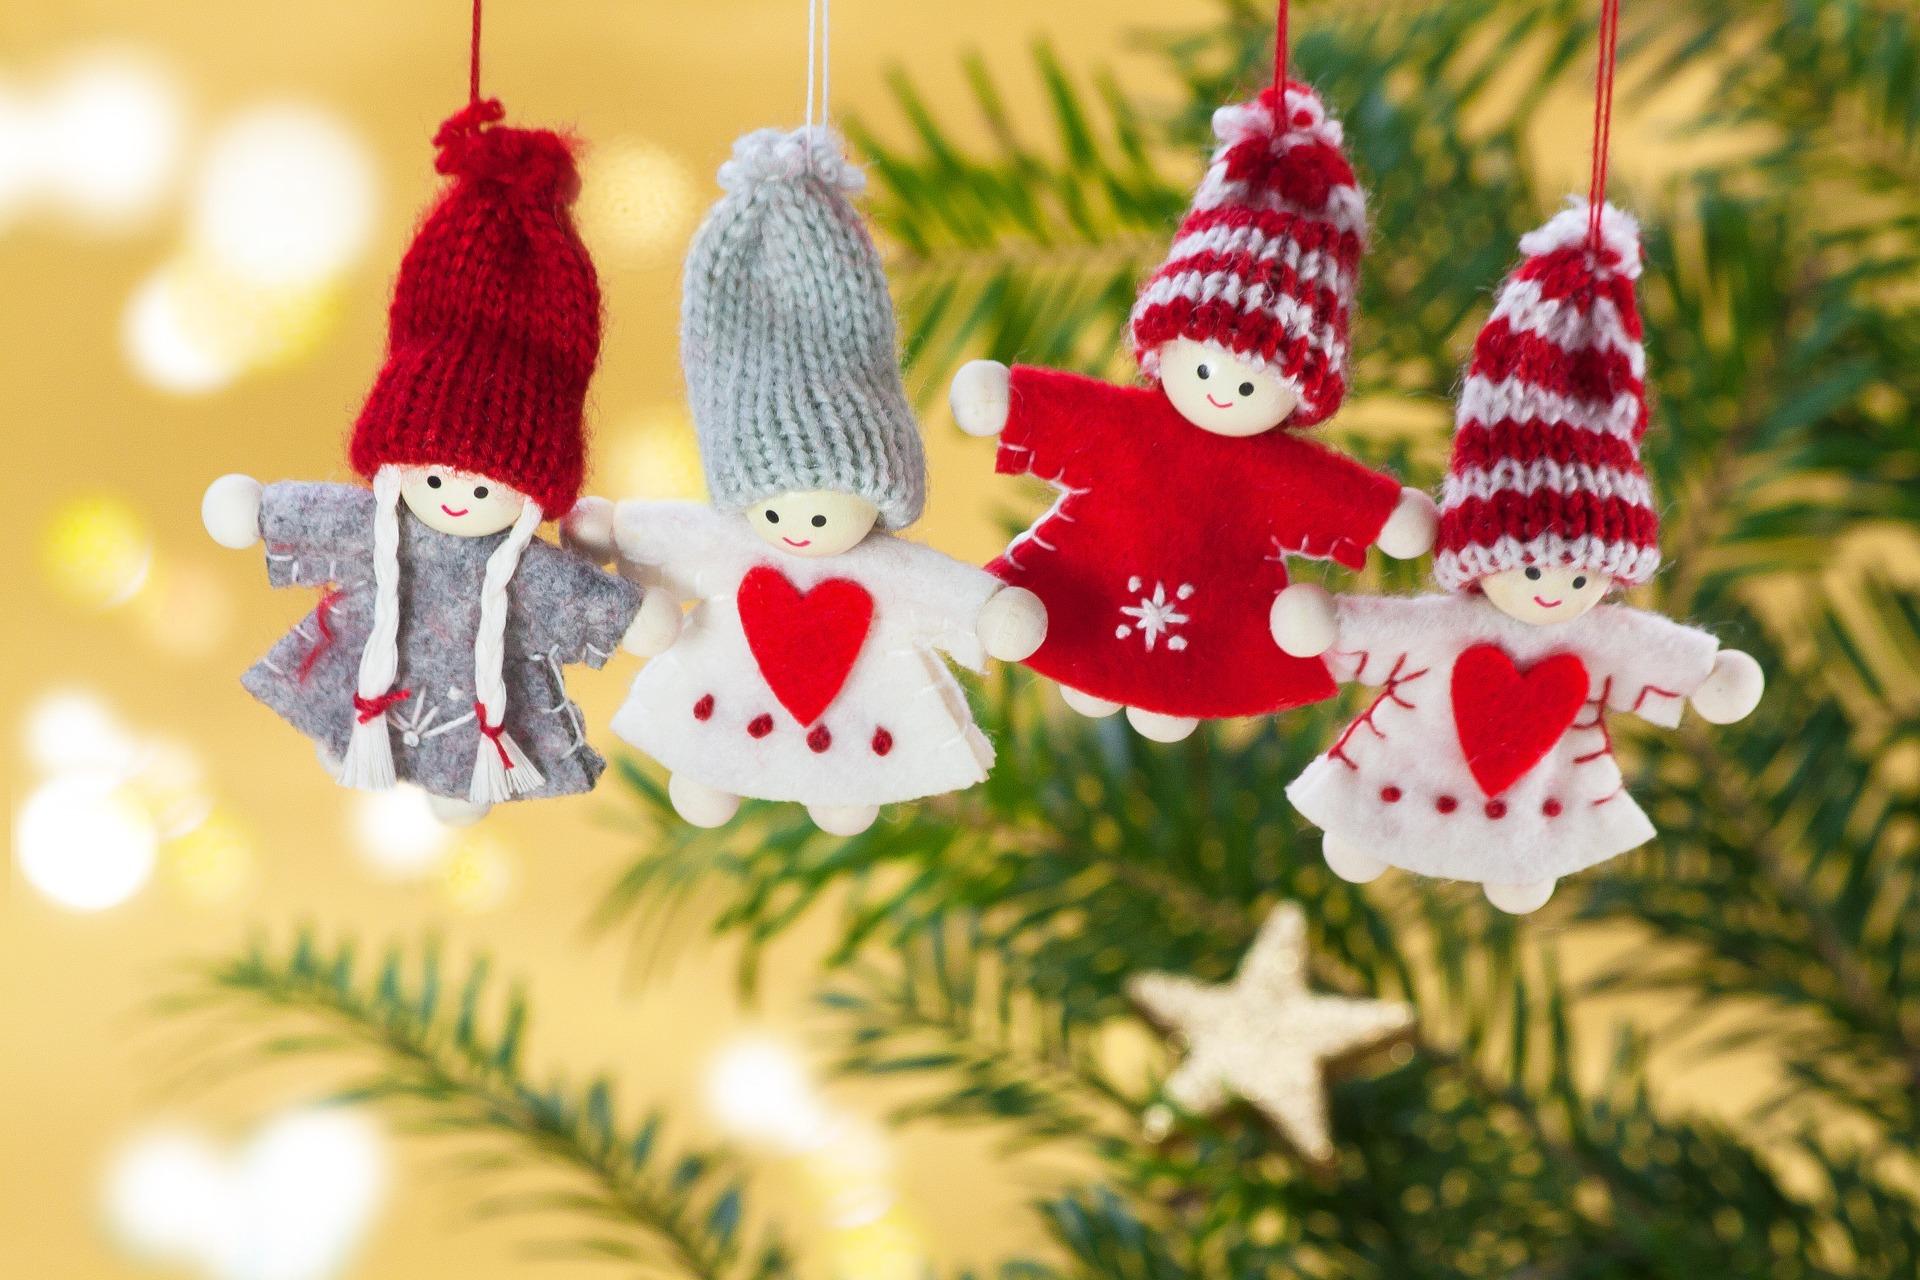 Fim de semana de 14 e 15 de dezembro: já sabe o que vai fazer com a família? Veja estas sugestões